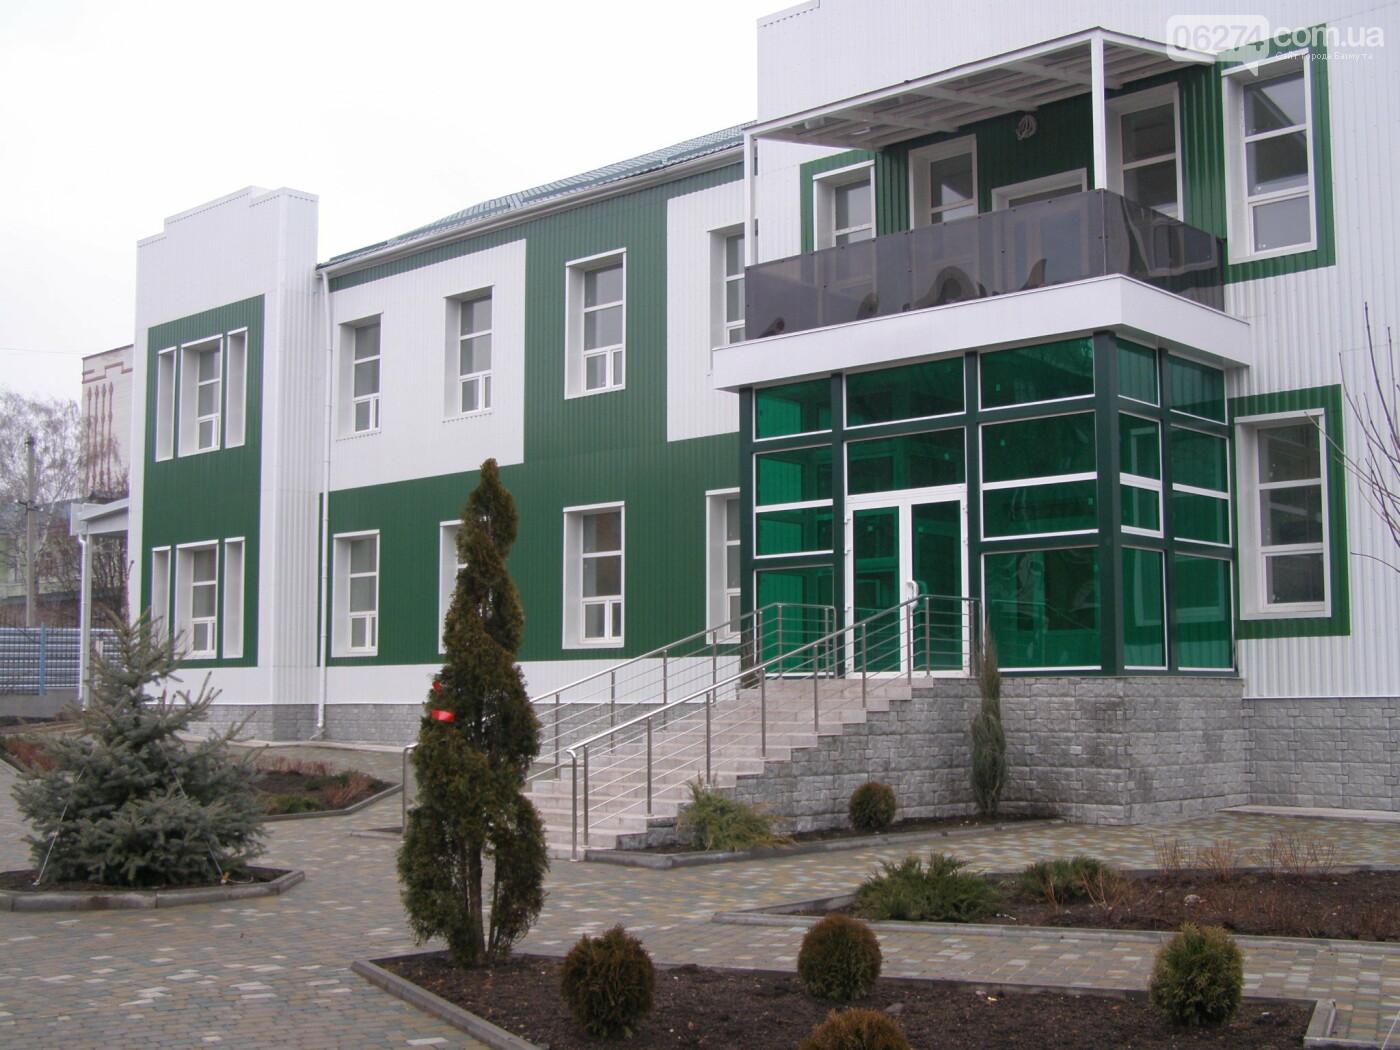 Во врачебно-физкультурном диспансере в Бахмуте завершена реконструкция главного корпуса и общежития, фото-2